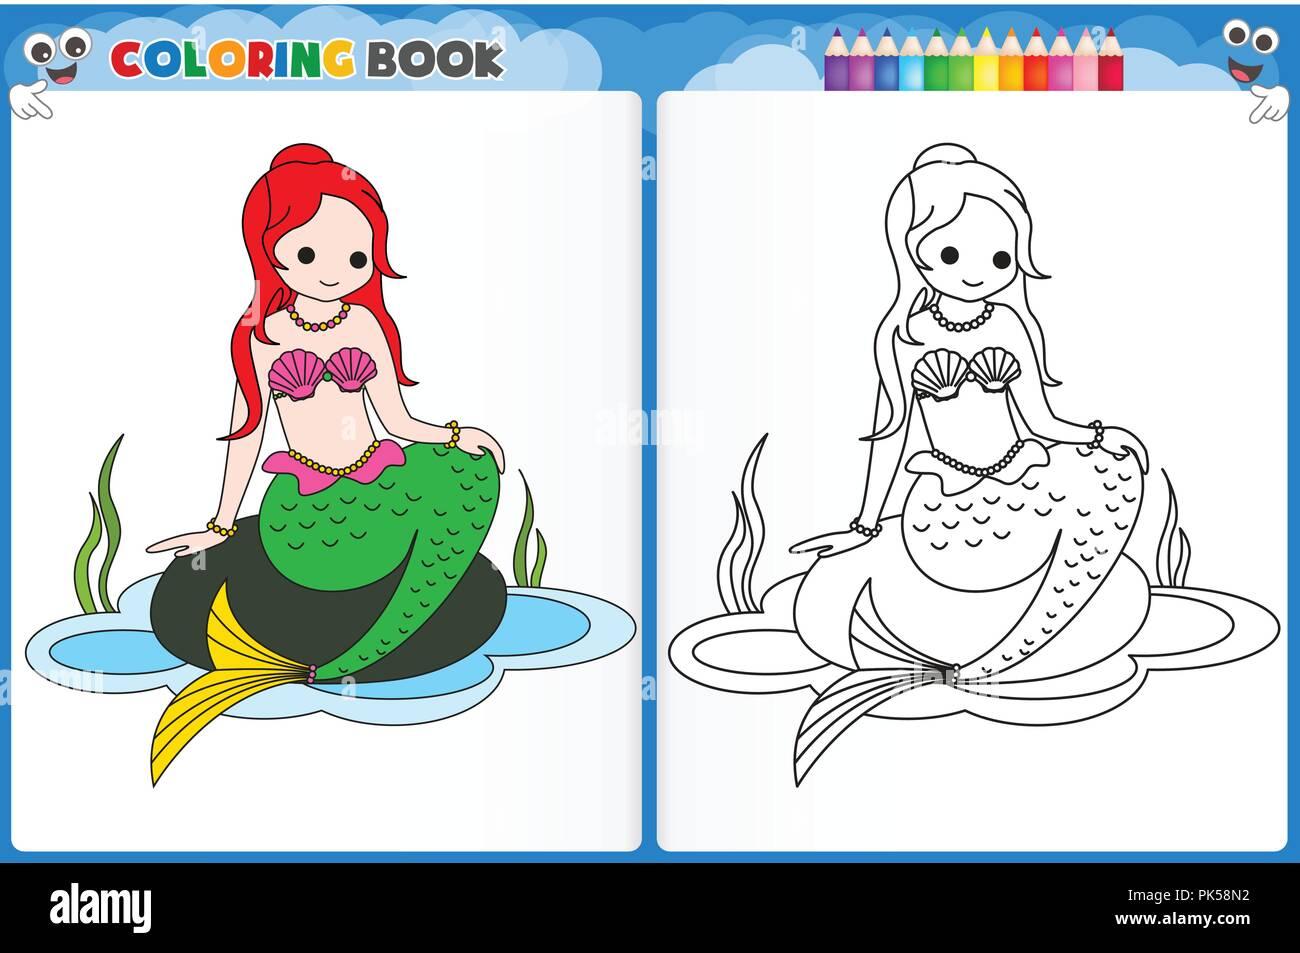 Sirena Pagina Para Colorear Con Coloridos Muestra Hoja Imprimible Guarderias Preescolares Para